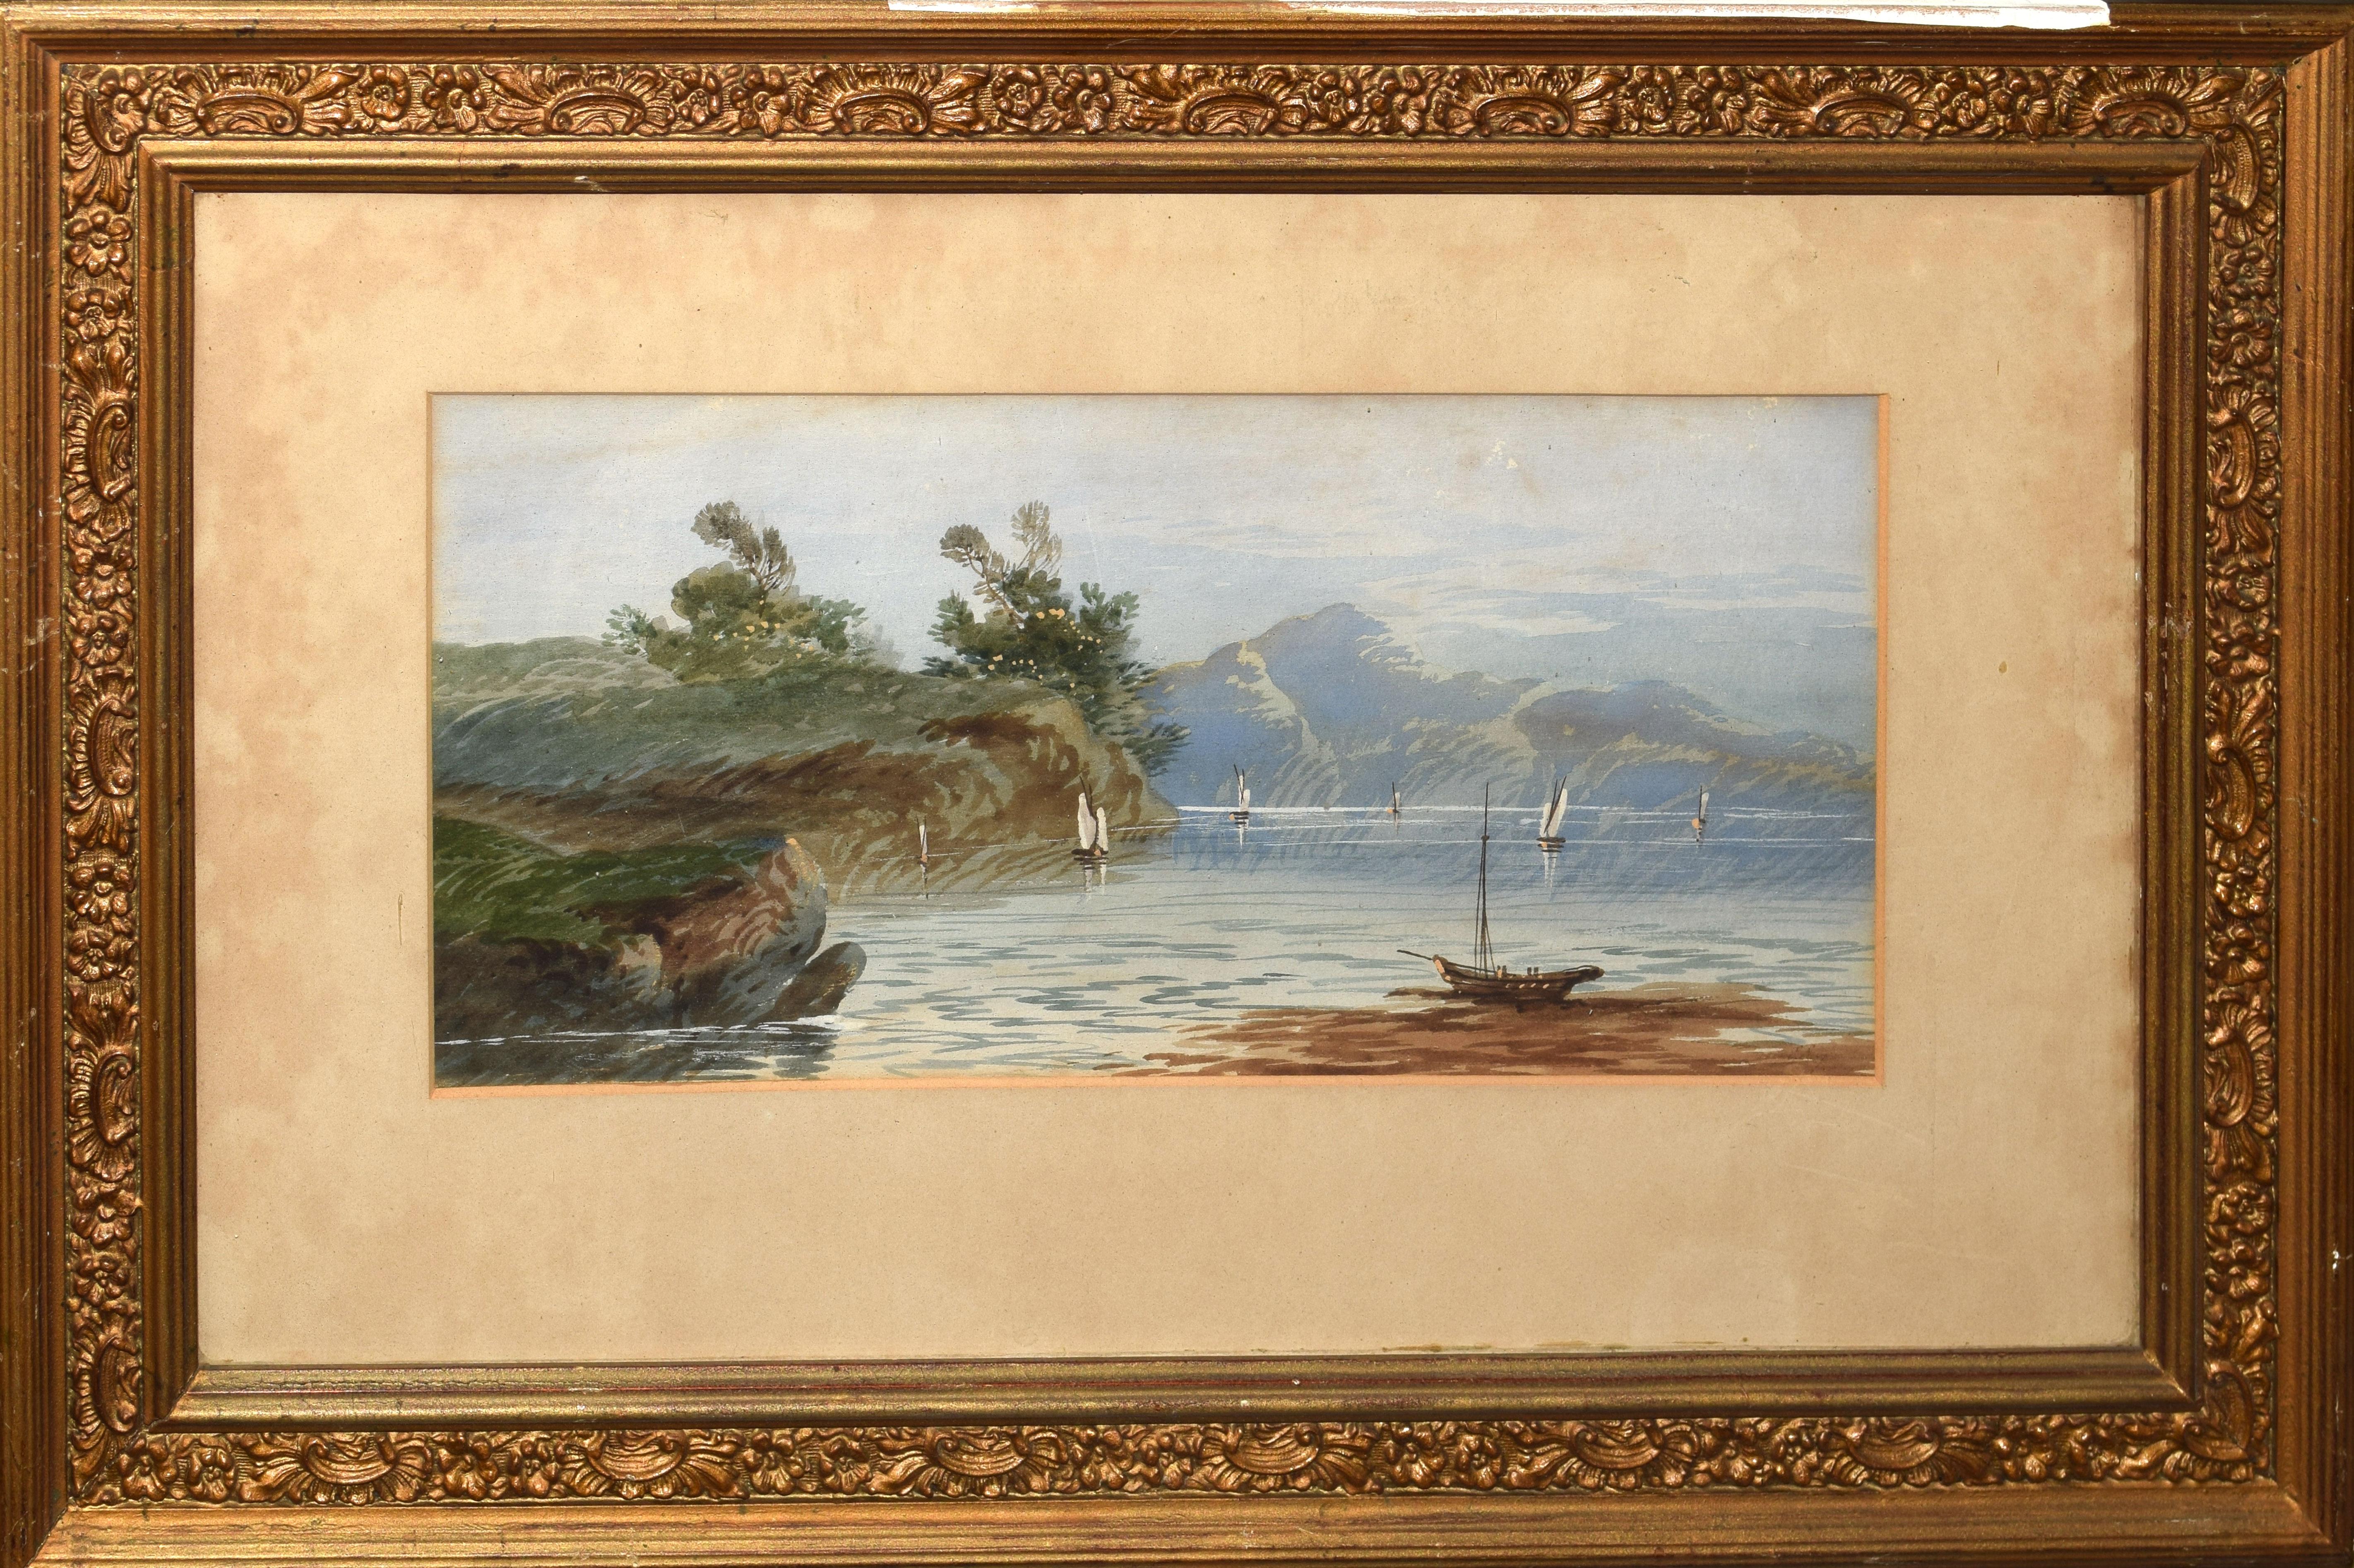 Edwin Earp, Lakeland scene, watercolour, signed lower right, 17 x 37cm